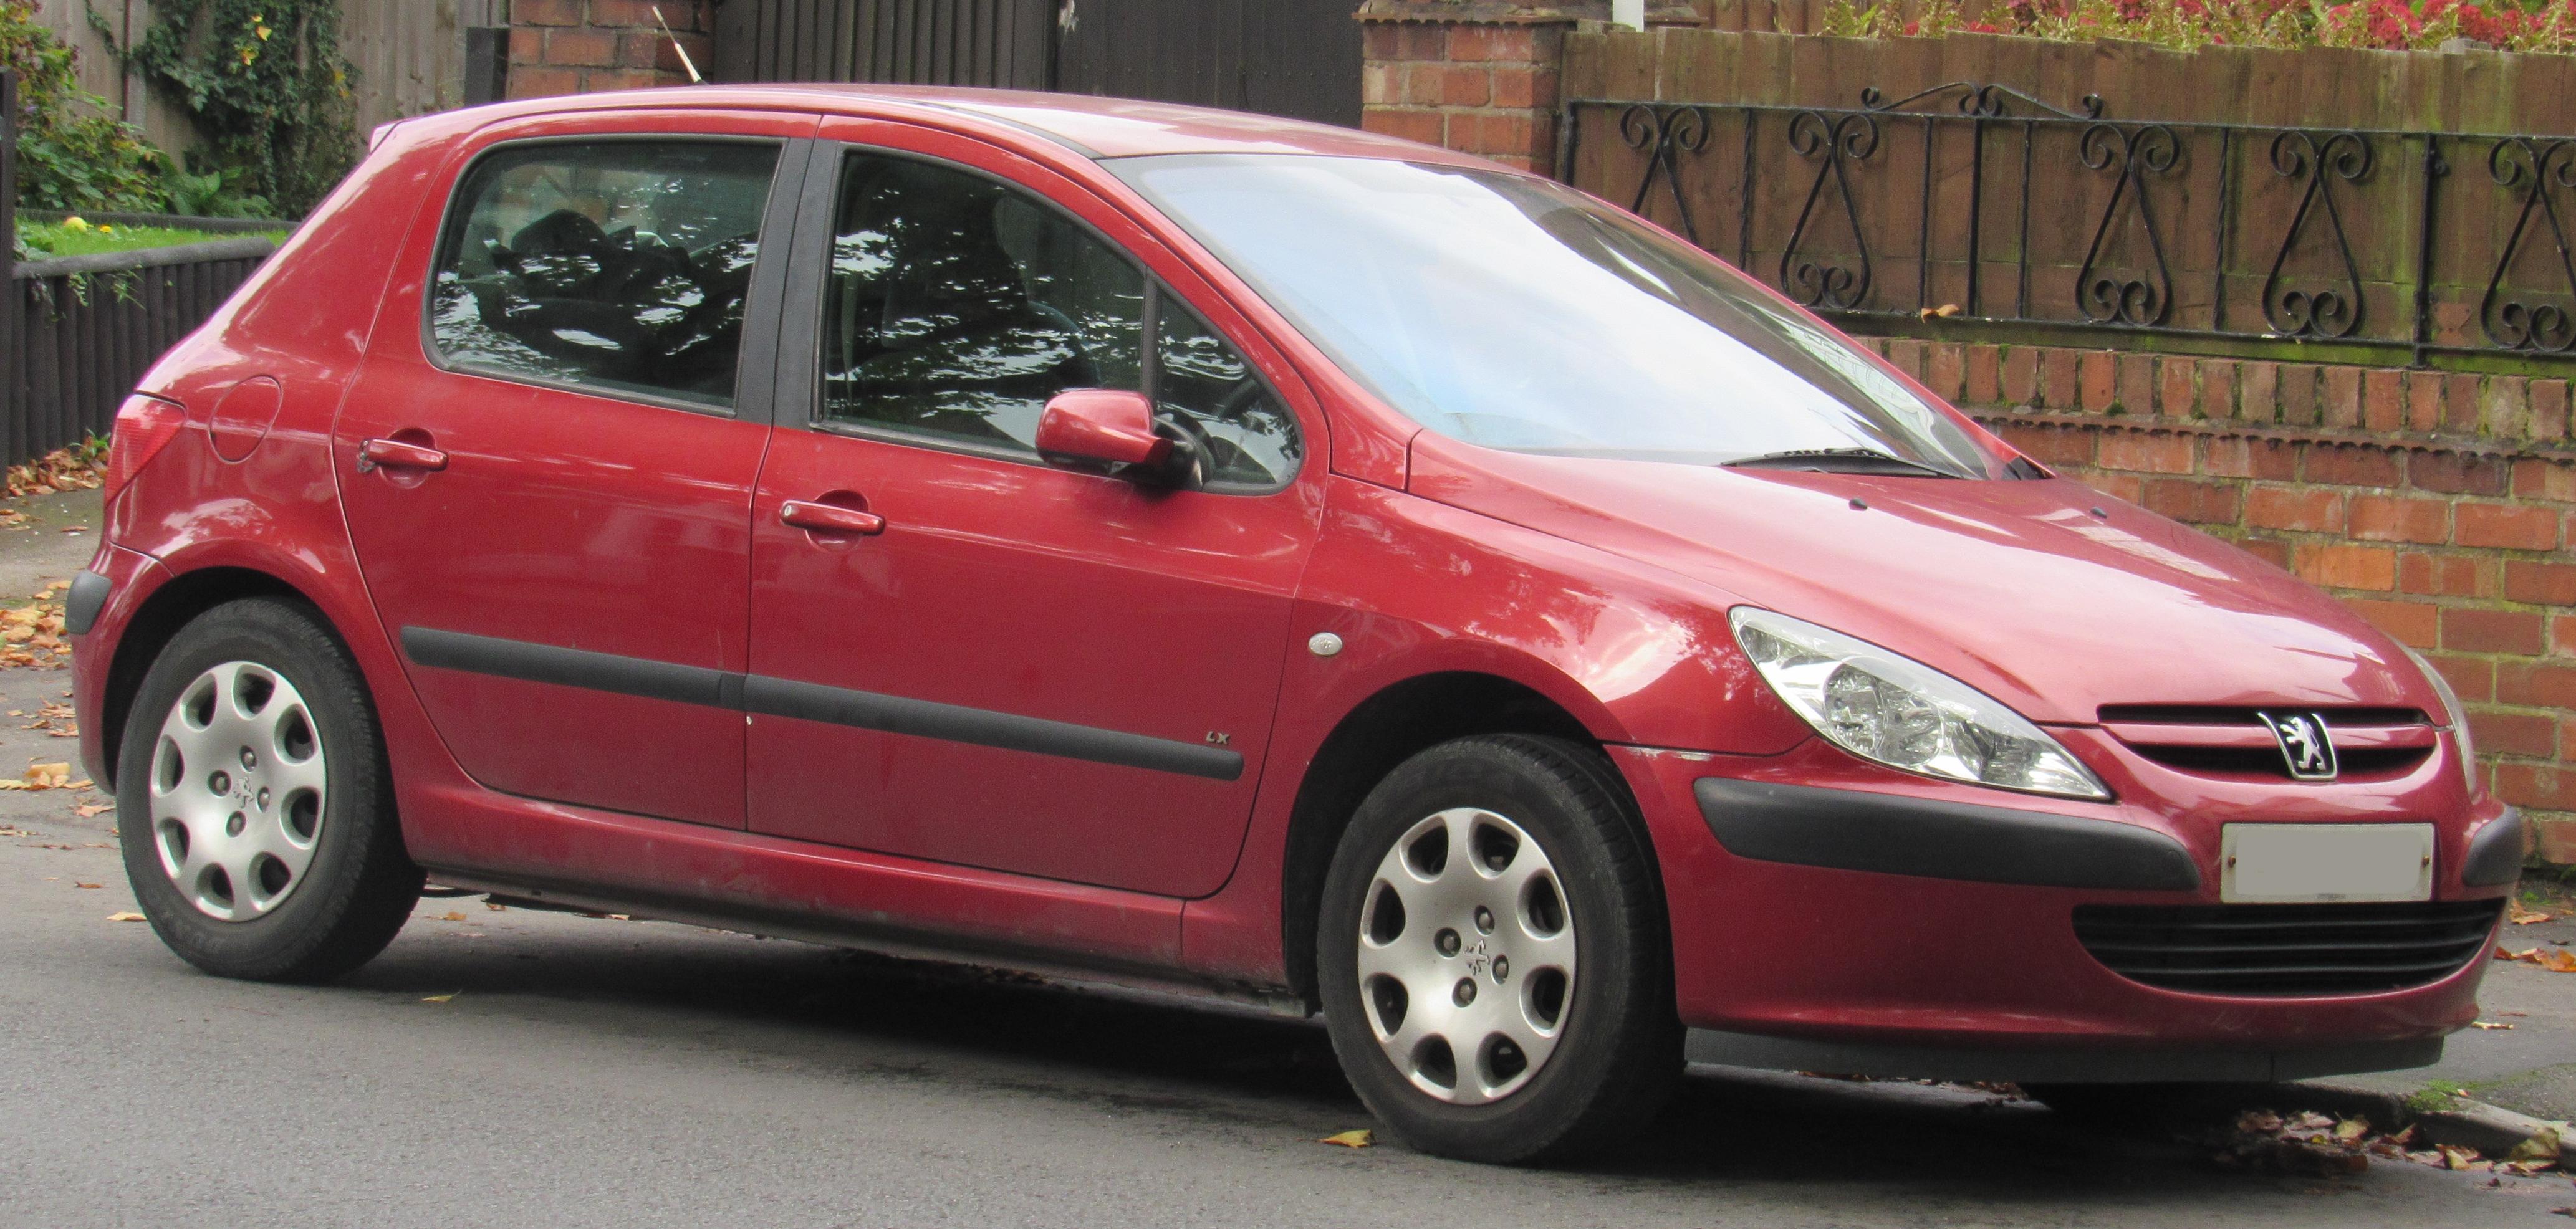 Peugeot 307 - Wikipedia